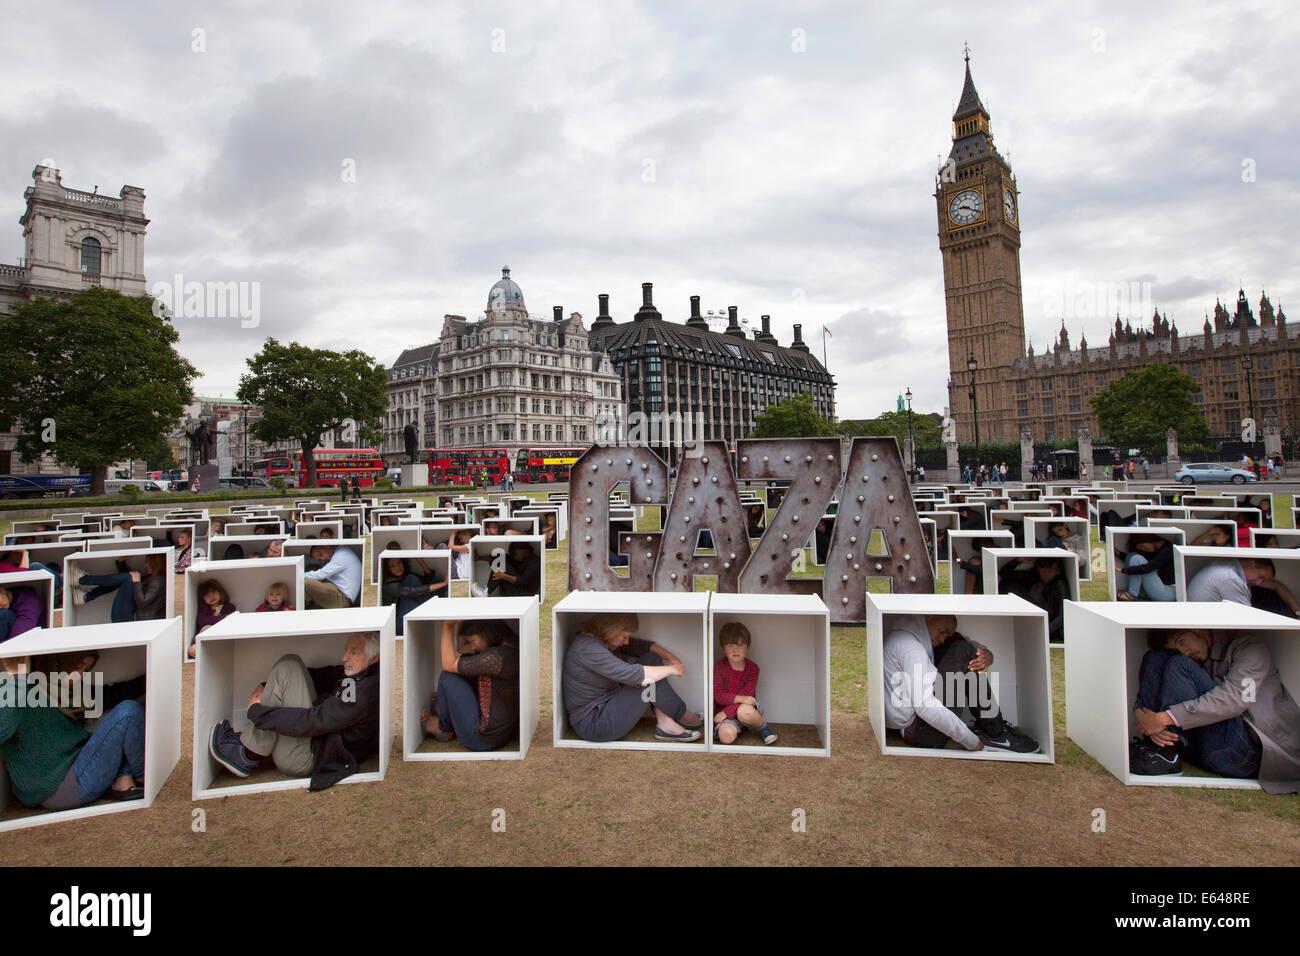 London, UK, Donnerstag, 14. August 2014. In Parliament Square 150 Männer, Frauen und Kinder werden gequetscht, in Stockfoto